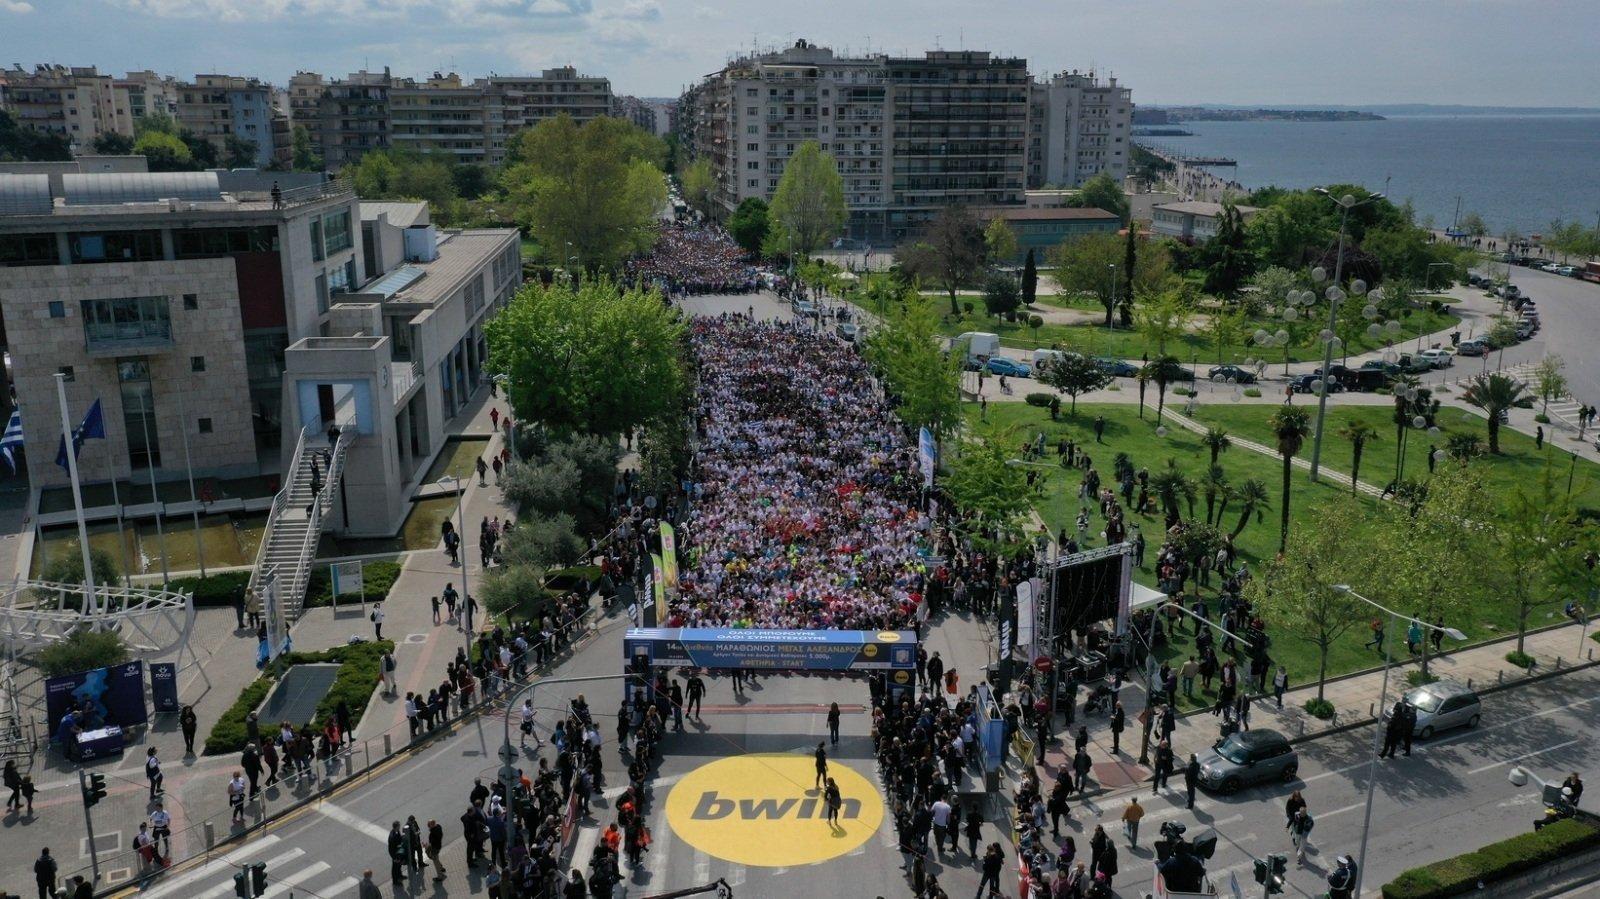 Το διήμερο 6-7 Ιουνίου ο 15ος Διεθνής Μαραθώνιος ΜΕΓΑΣ ΑΛΕΞΑΝΔΡΟΣ – bwin